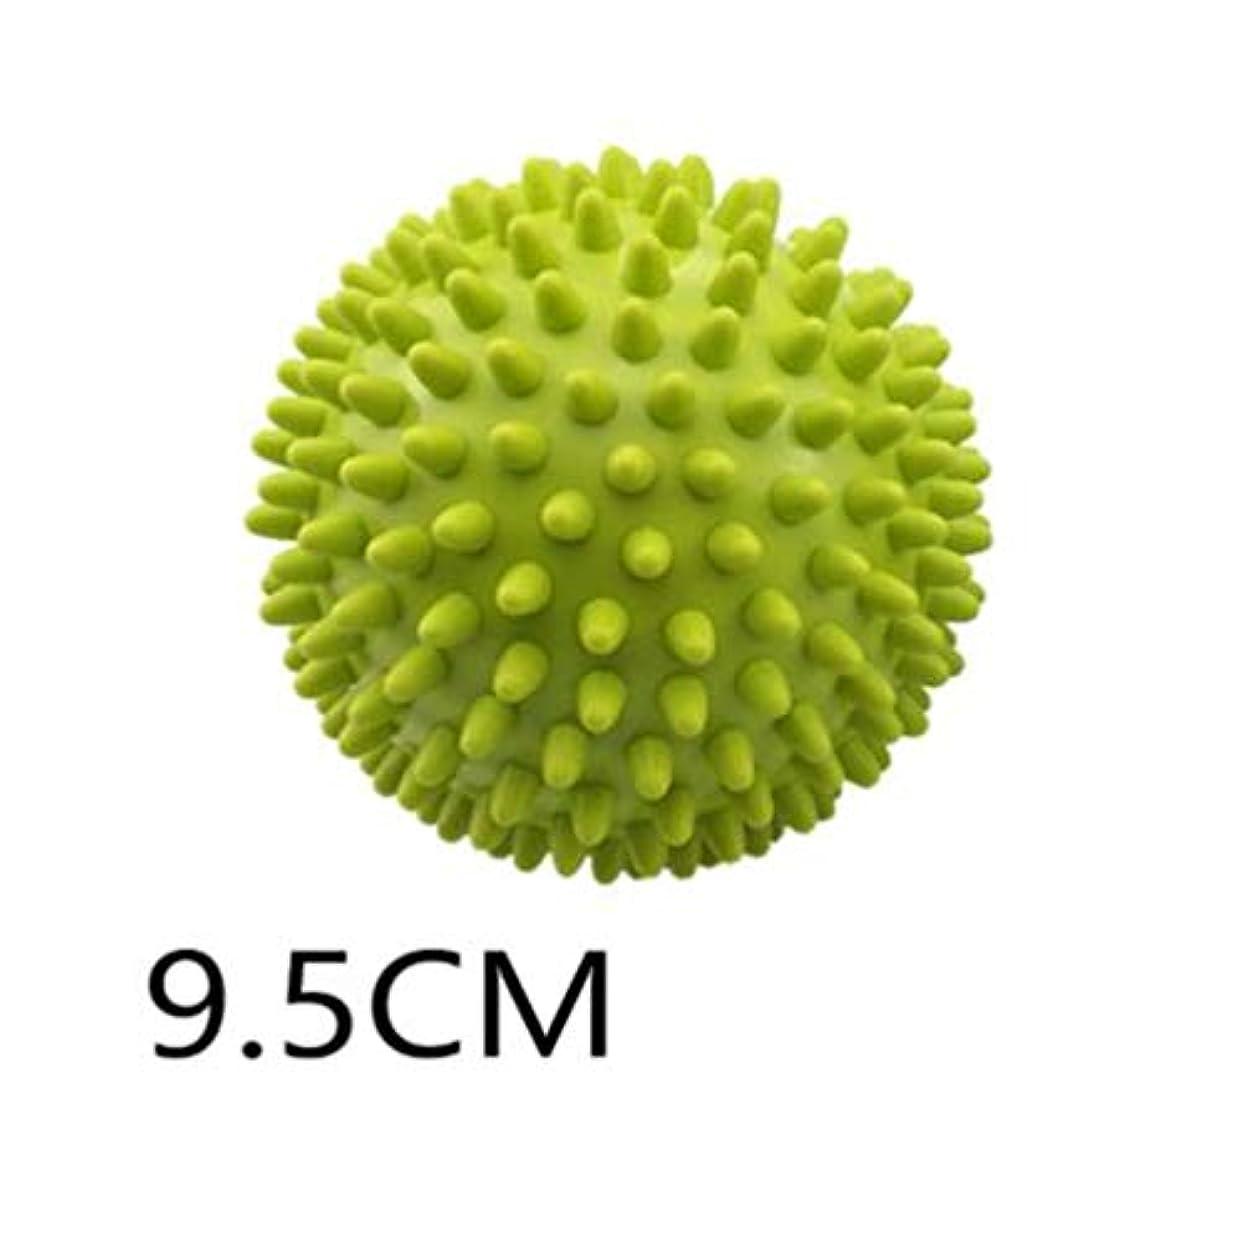 スマッシュプラス病的とげのボール - グリーン